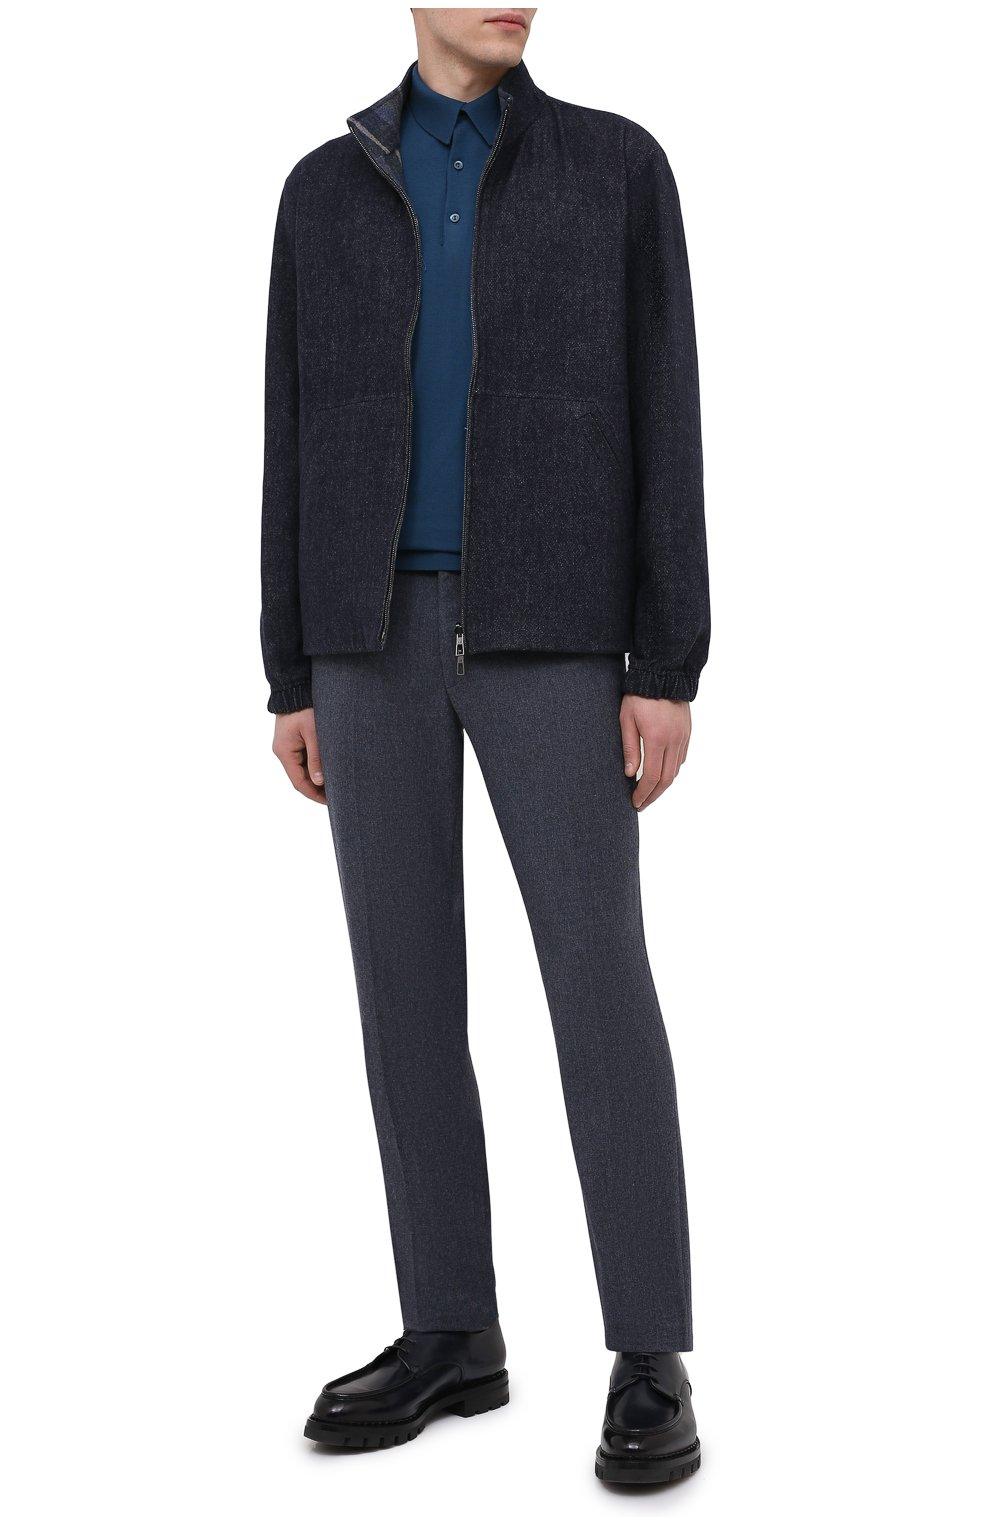 Мужские брюки из шерсти и хлопка RALPH LAUREN синего цвета, арт. 798804746   Фото 2 (Материал внешний: Шерсть; Длина (брюки, джинсы): Стандартные; Случай: Повседневный; Материал подклада: Вискоза; Стили: Кэжуэл)